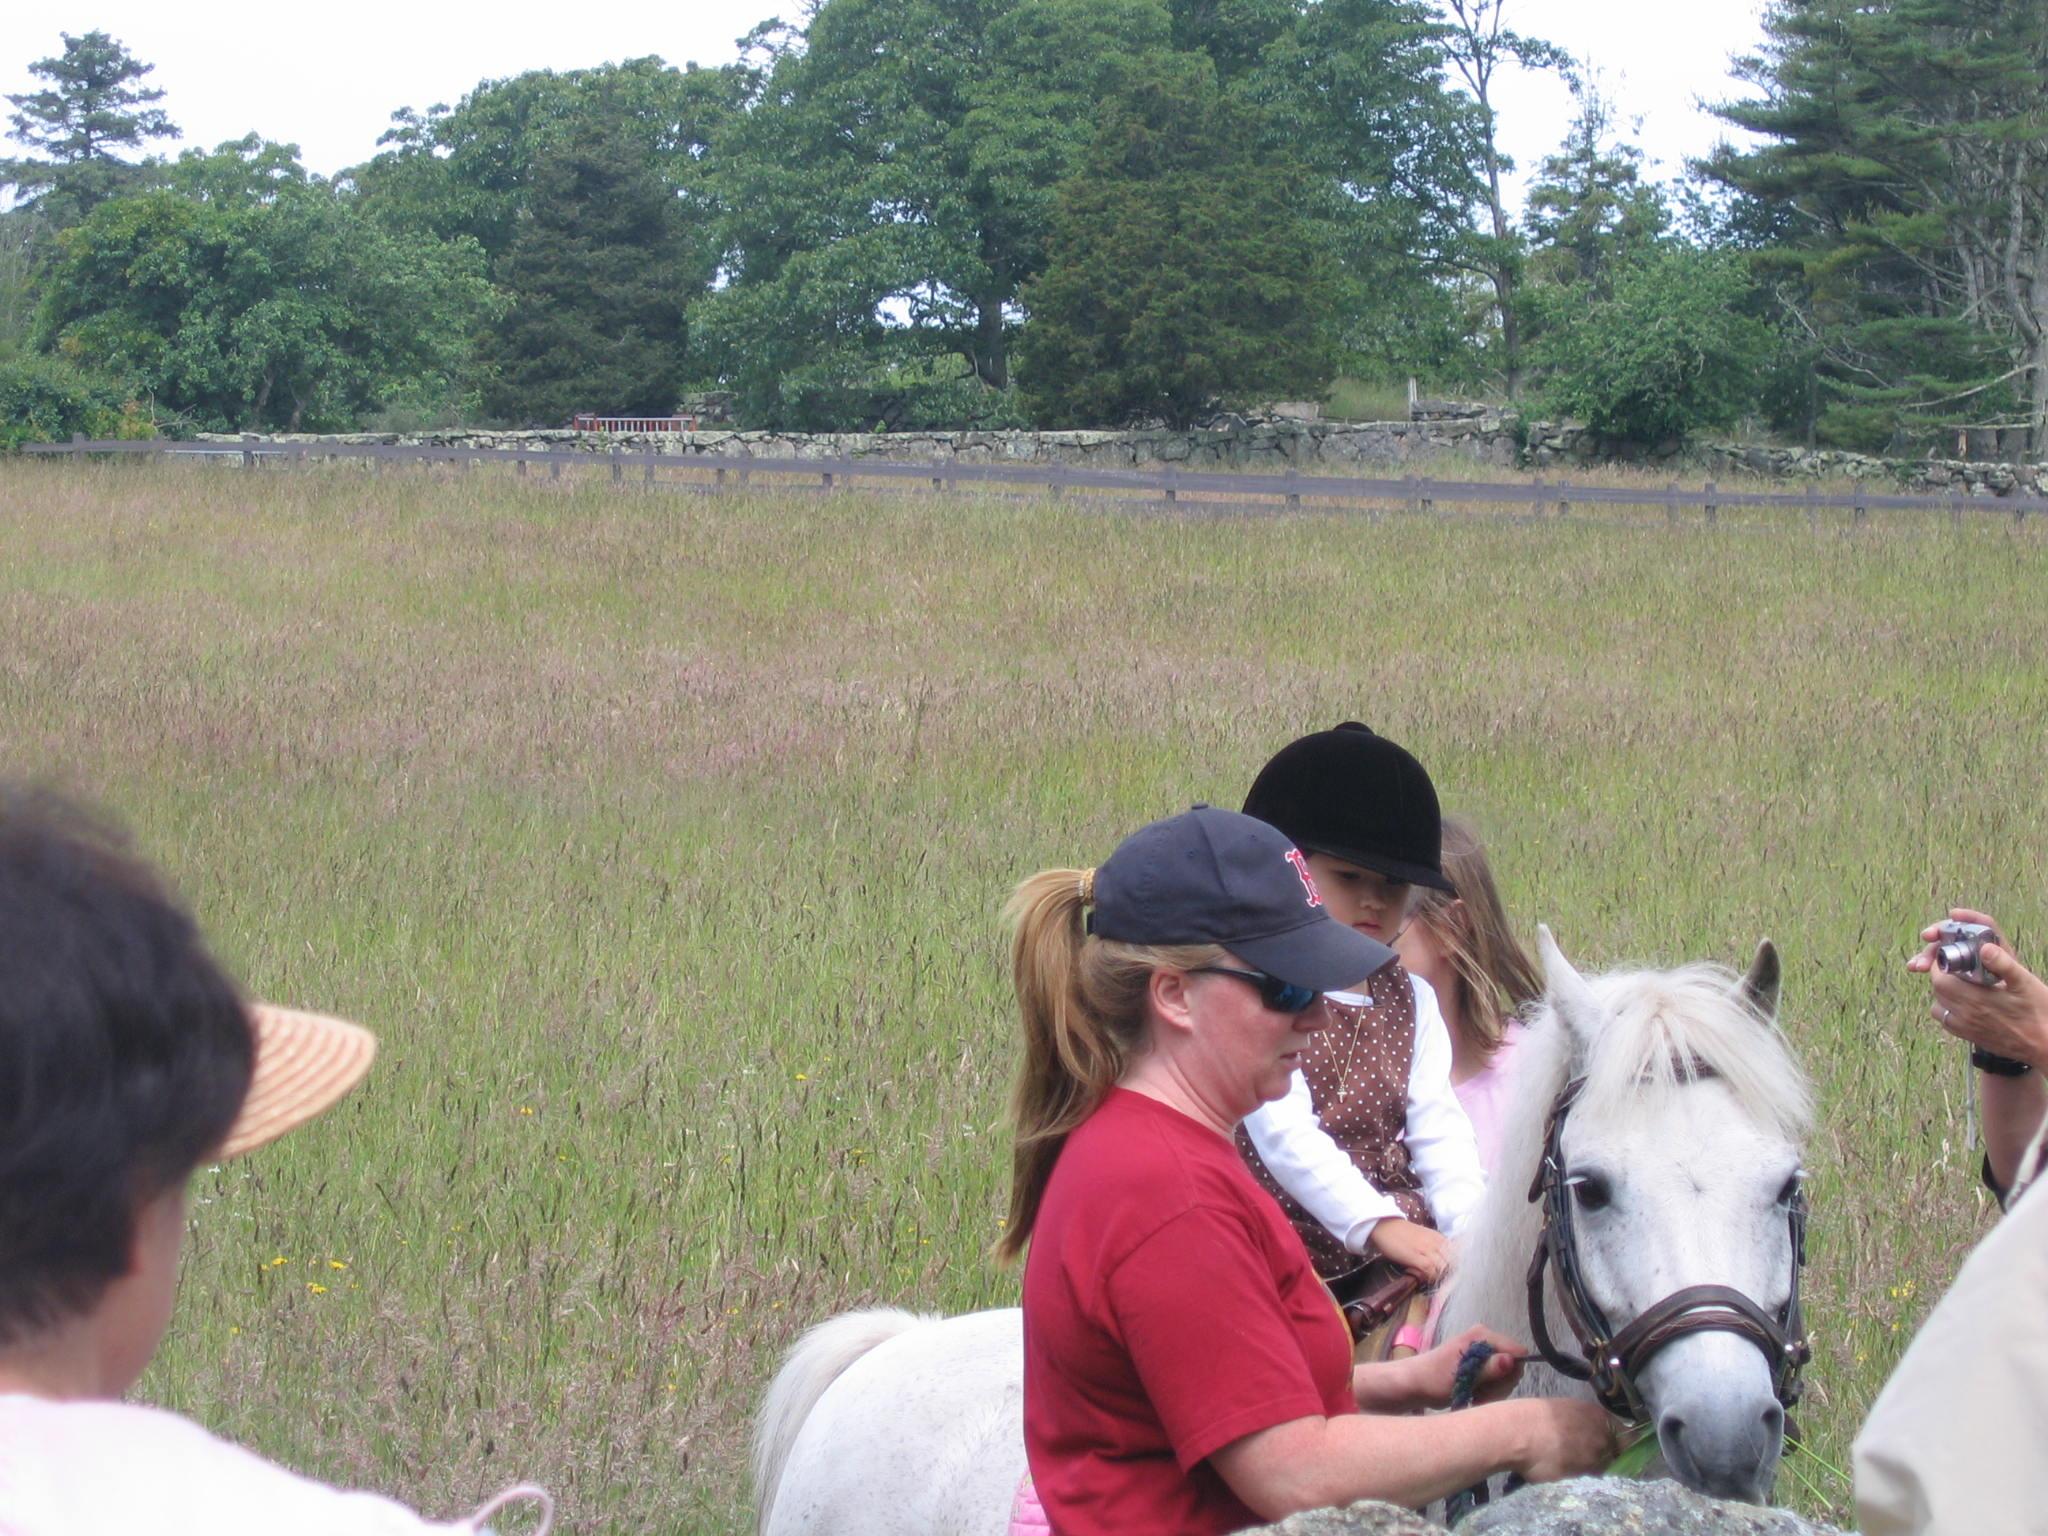 Sandy with happy rider (Julie hidden)